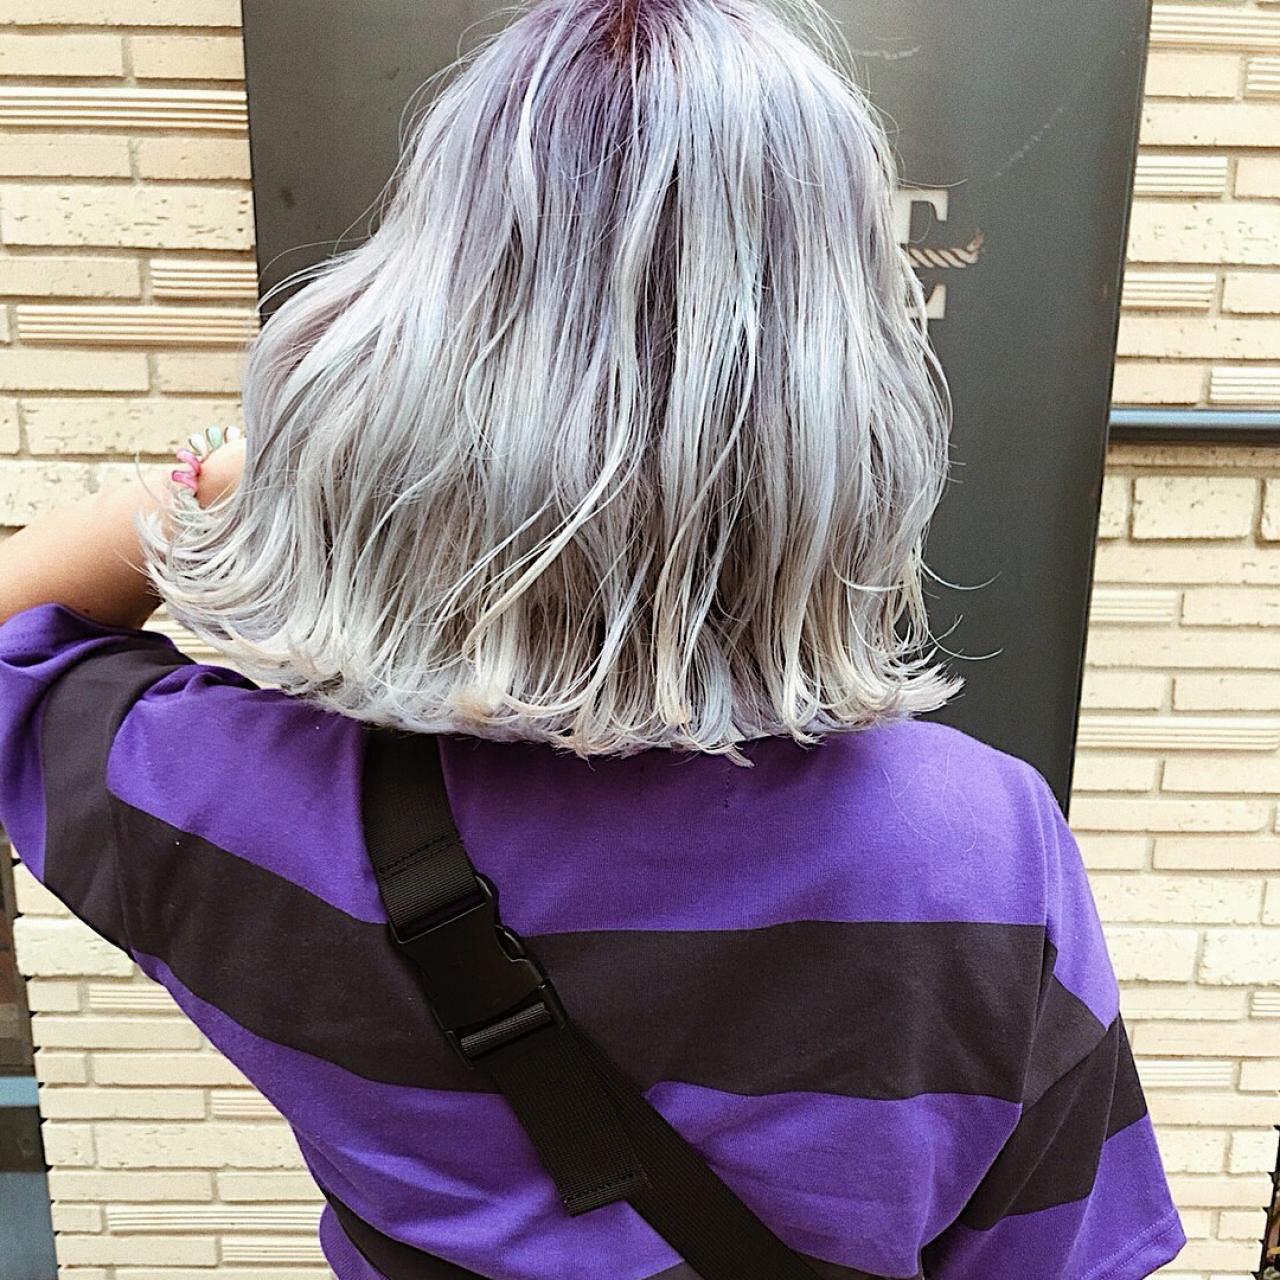 ネオギャル メイク やり方 方法 コツ 意味 髪色 黒髪 ファッション コーデ ブランド